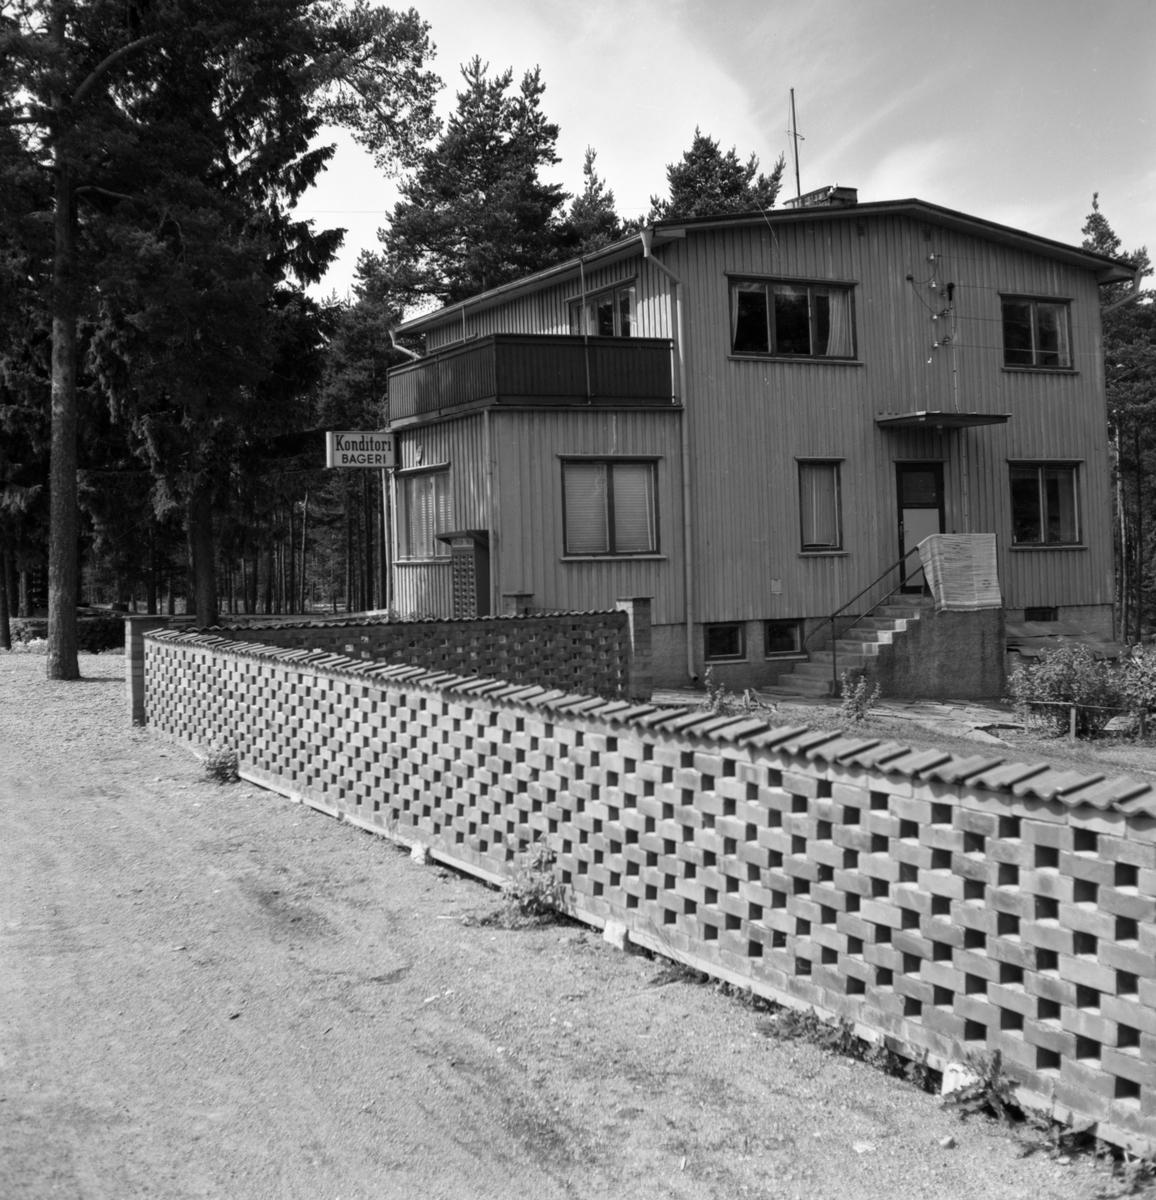 Någonstans i Värmland - från slutet av 1950-talet: Skattkärr. Lämna gärna en kommentar om du vet något om bilden.